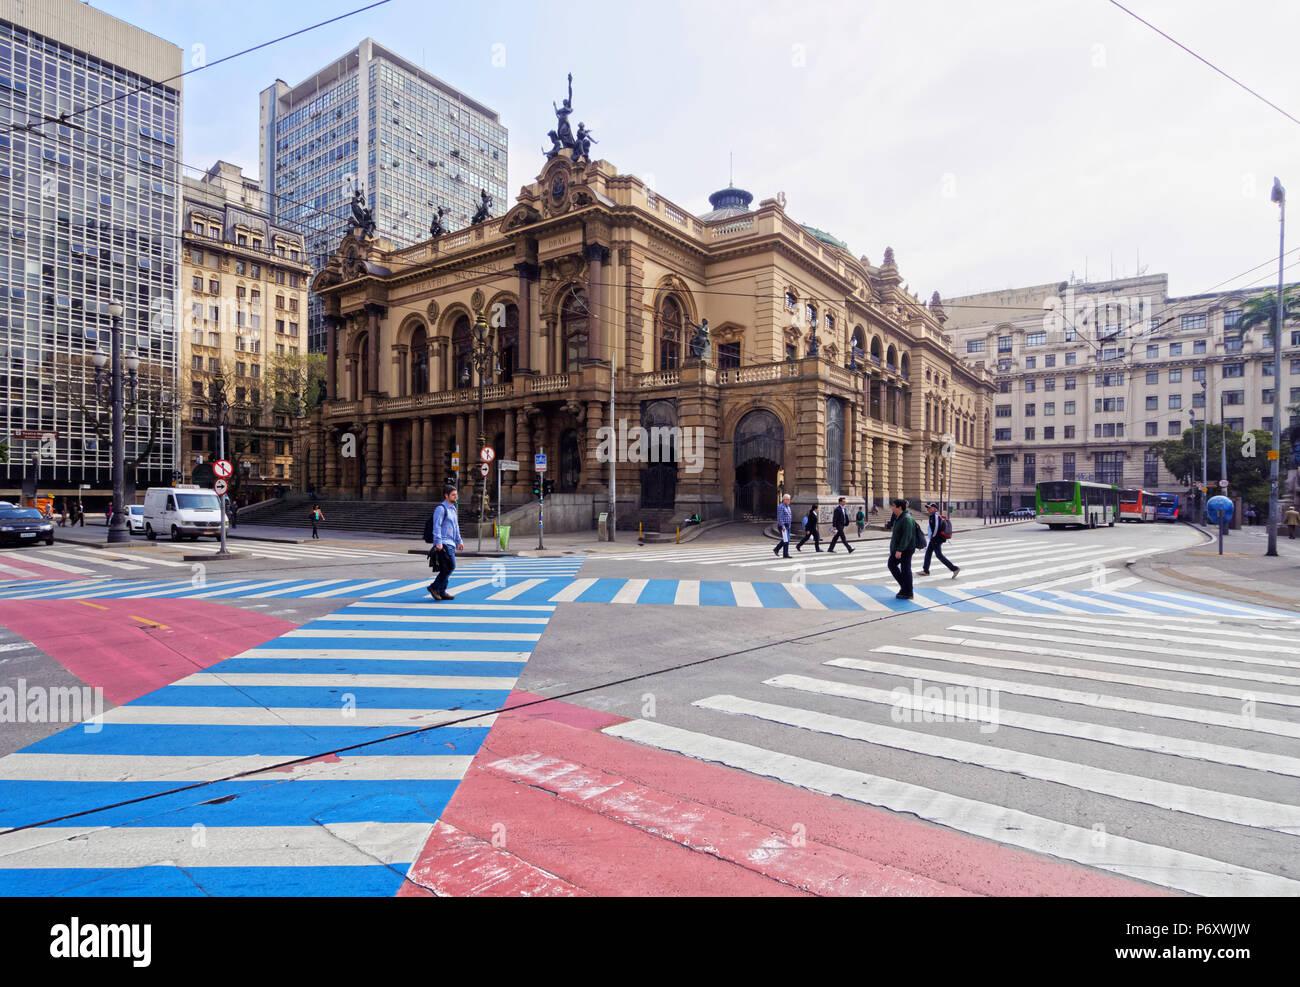 Il Brasile, Stato di Sao Paulo, città di Sao Paulo, vista del teatro comunale in corrispondenza della giunzione di Viaduto do Cha, Rua Xavier de Toledo e Praca Ramos de Azevedo. Immagini Stock